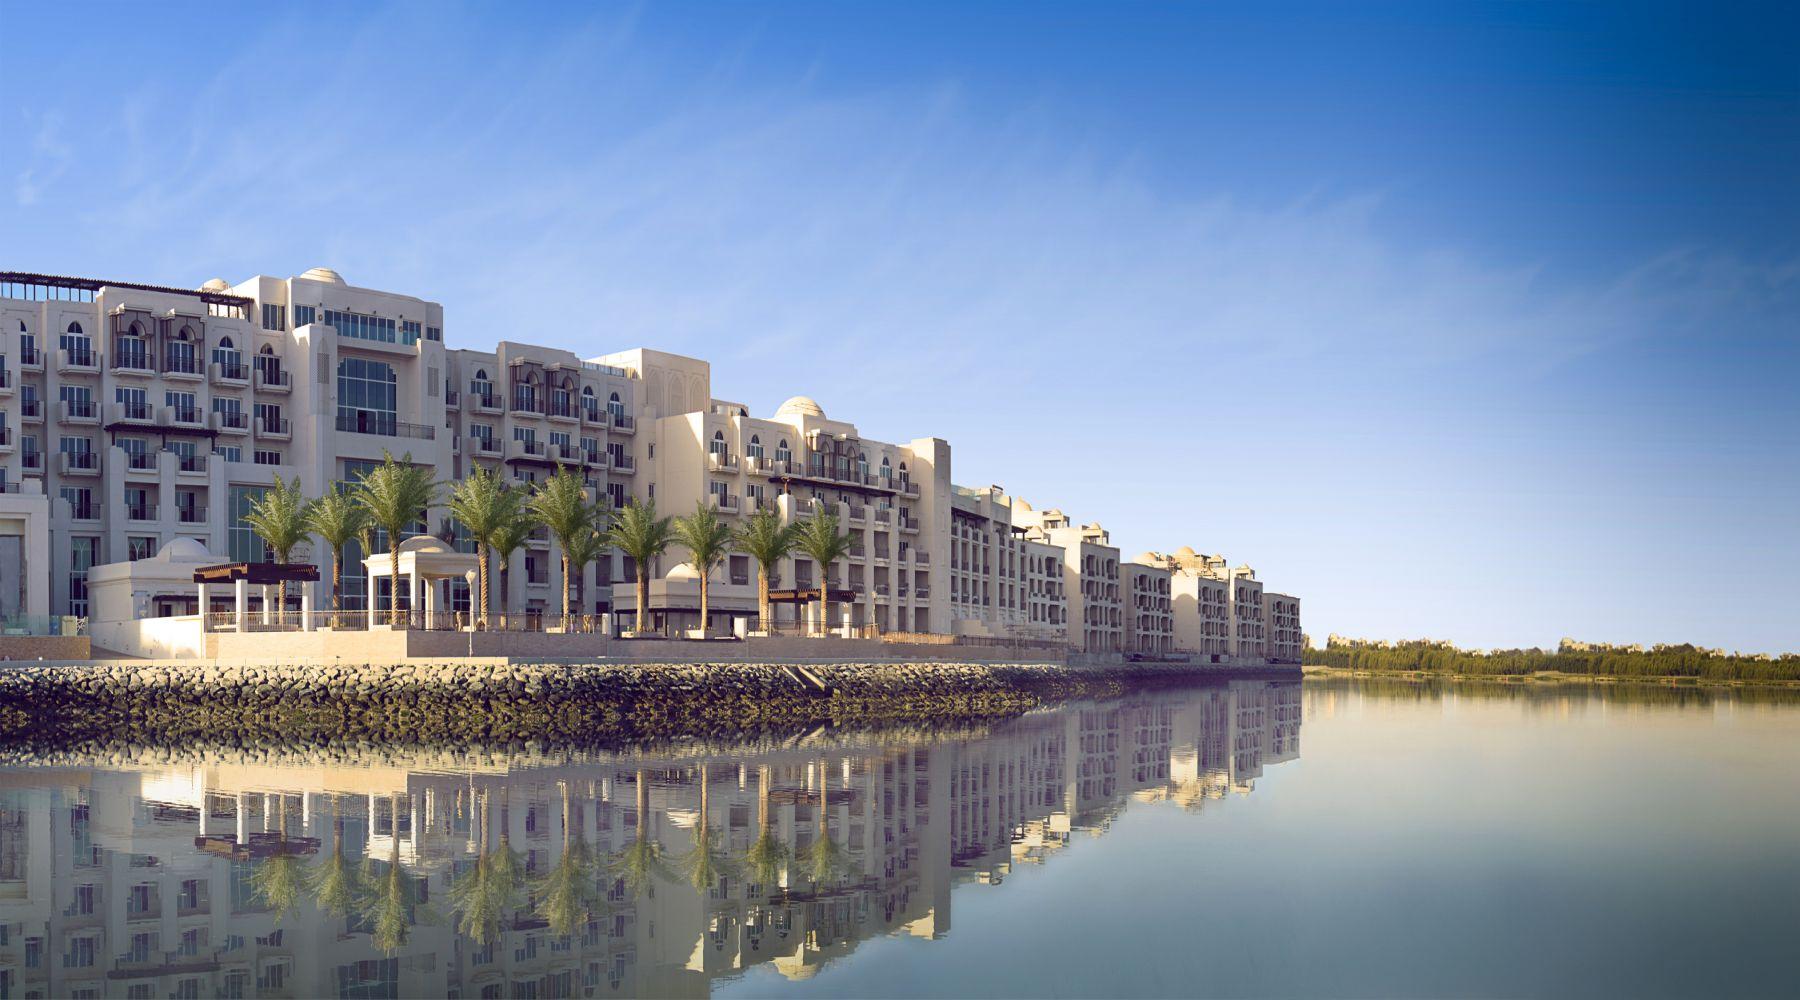 Anantara Mangrove Hotel & Spa Abu Dhabi